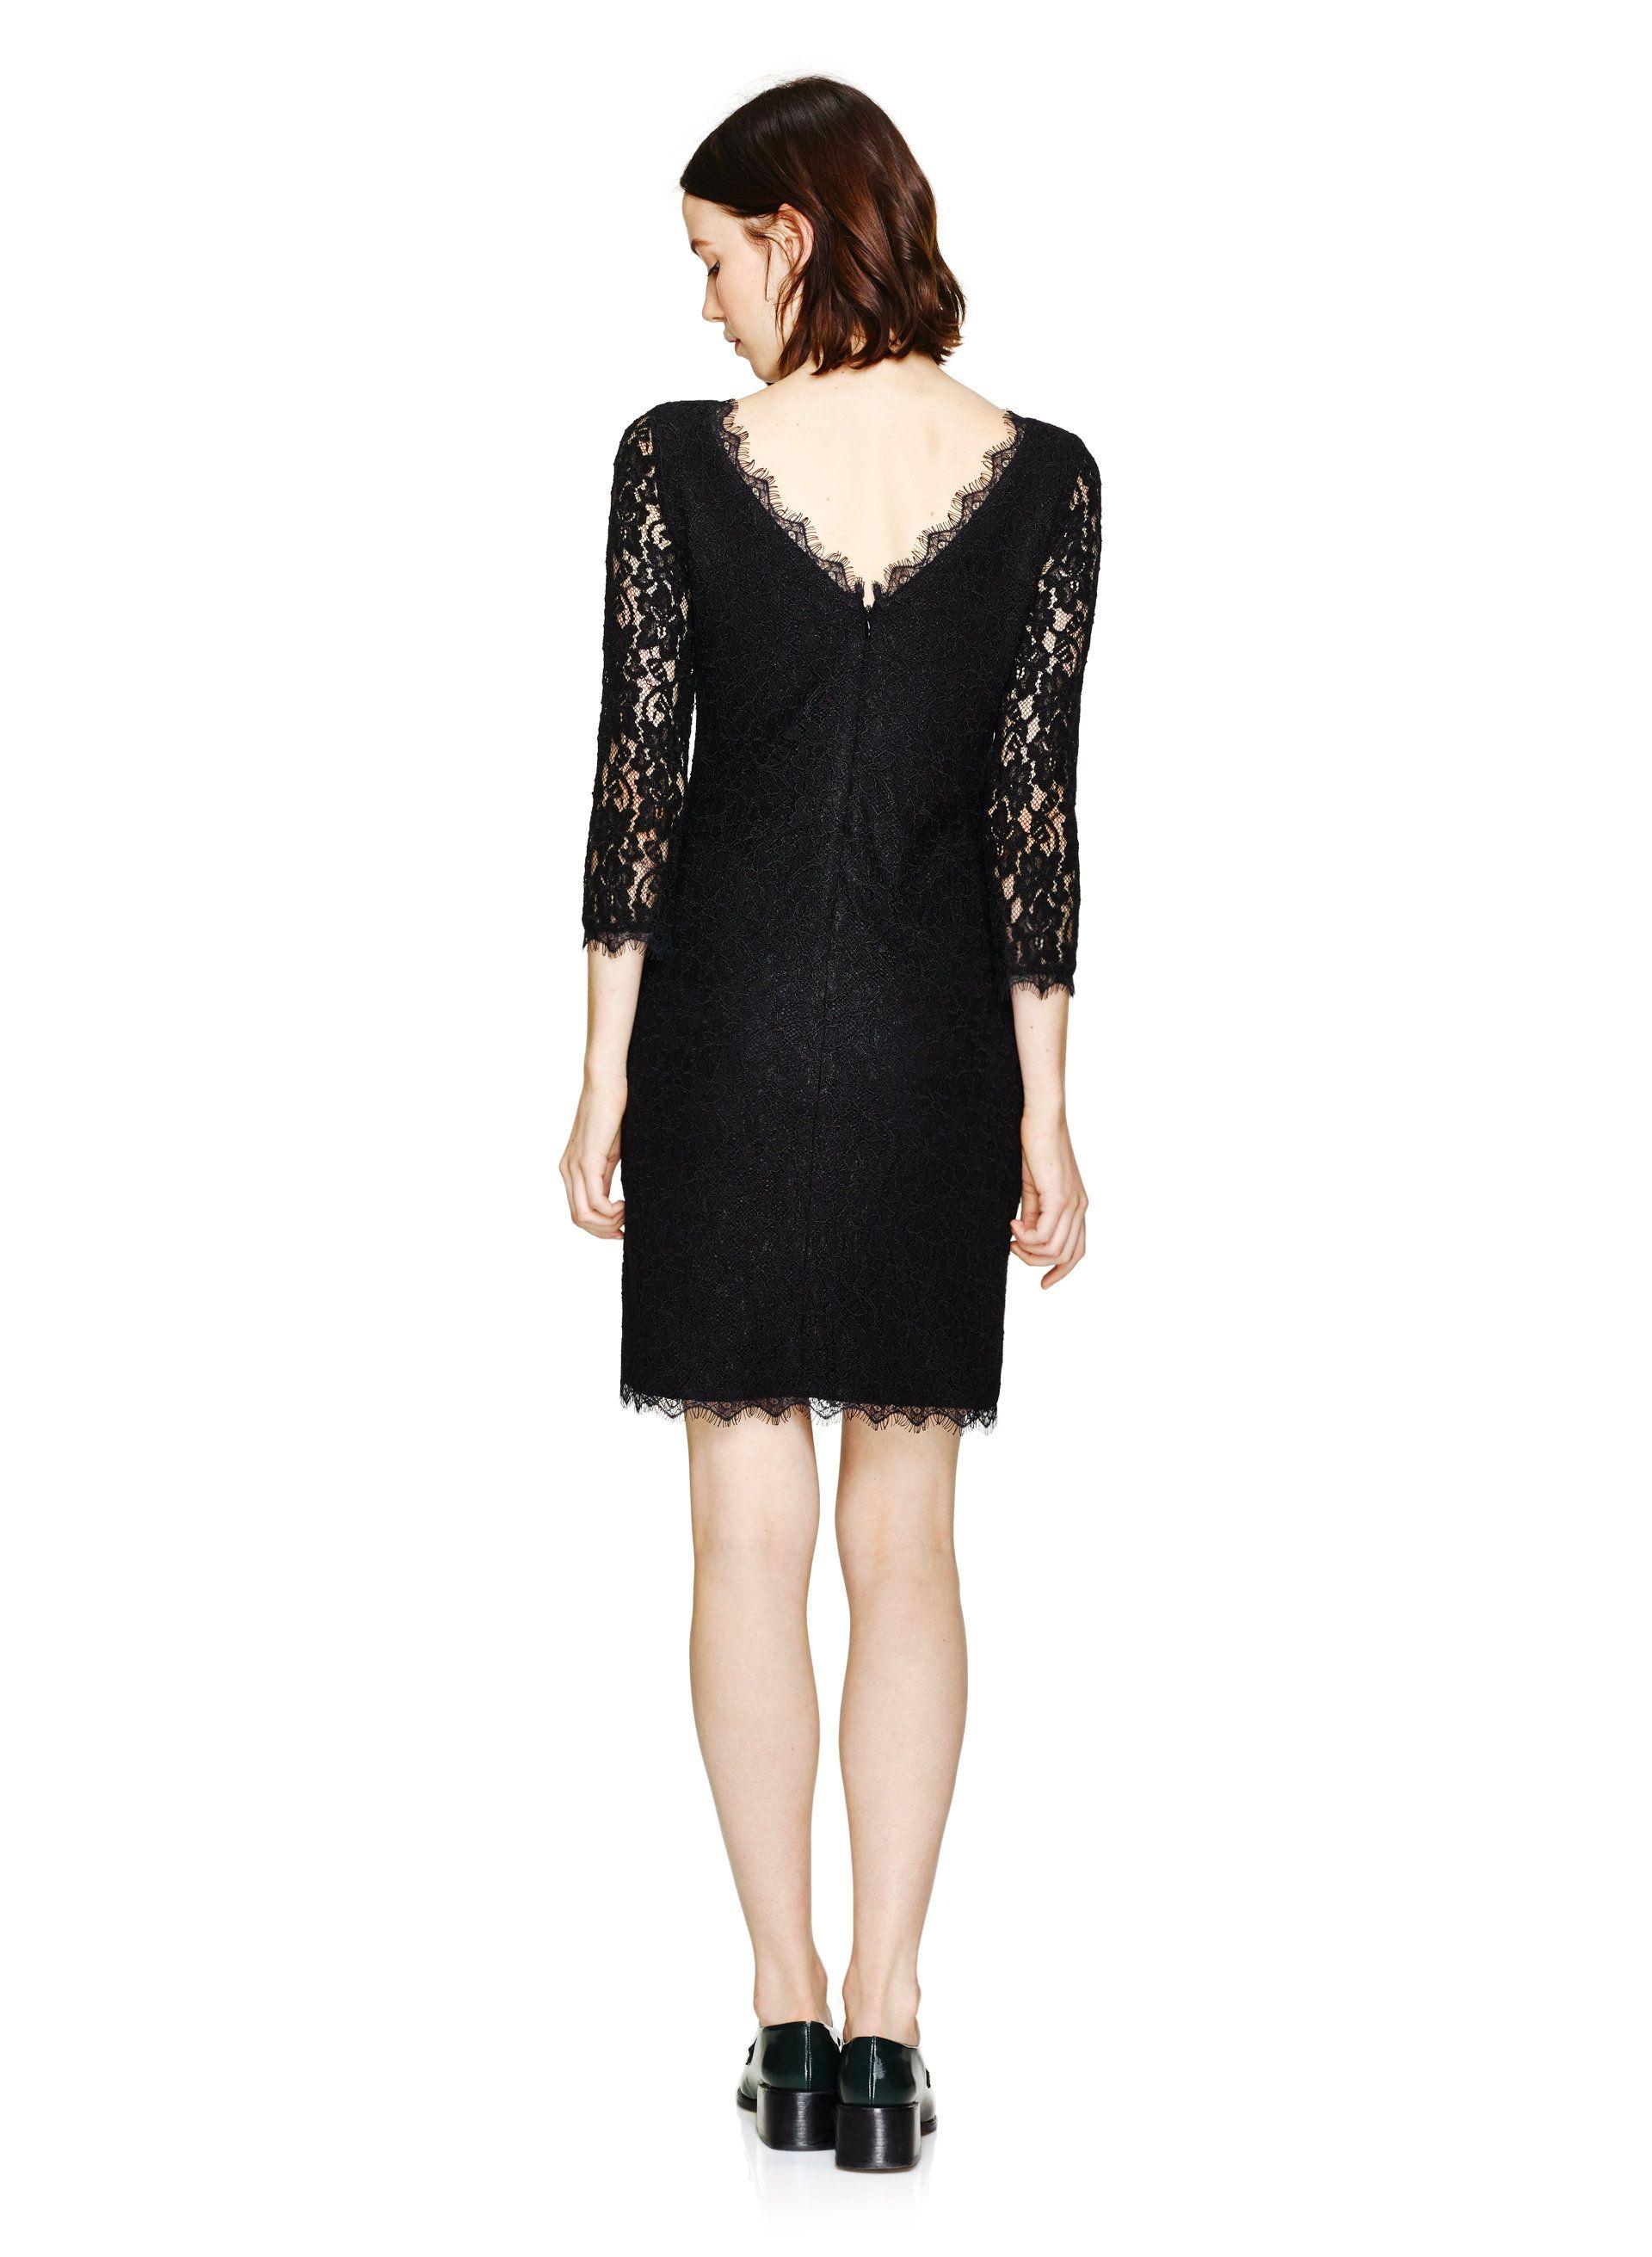 Babaton RAFAEL DRESS | Aritzia | Fancy dress | Pinterest